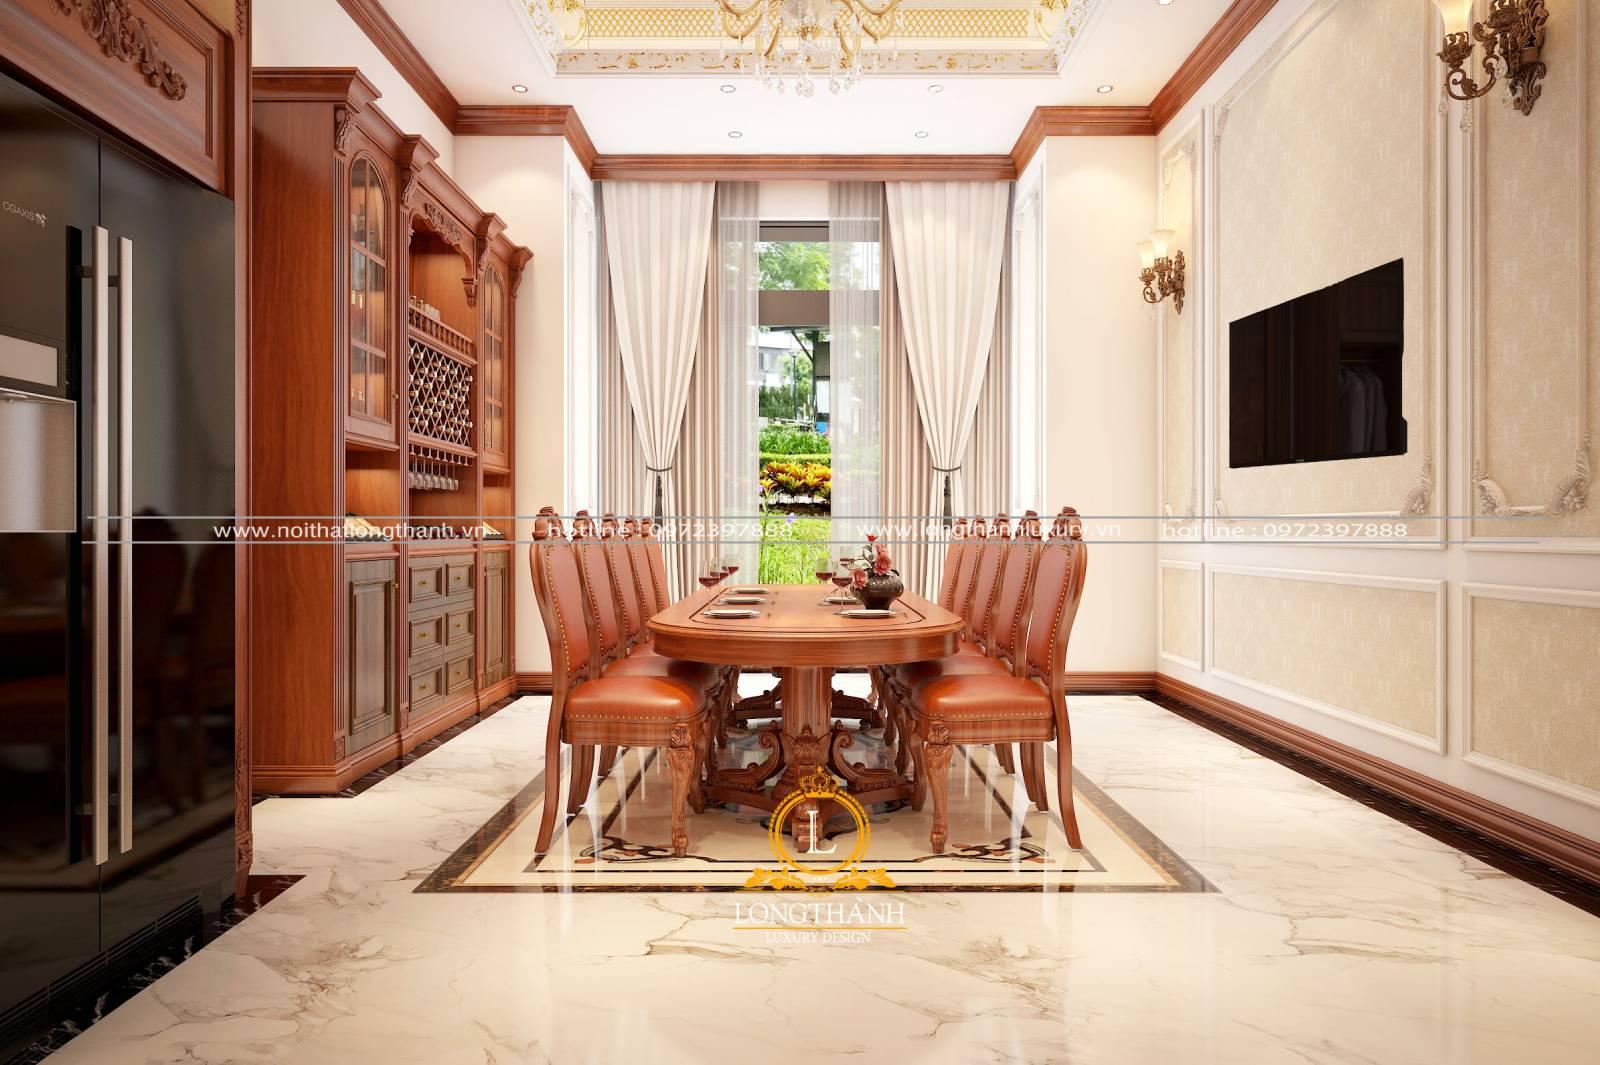 Mẫu bàn ăn tân cổ điển gỗ Gõ đỏ cho phòng ăn nhà biệt thự rộng